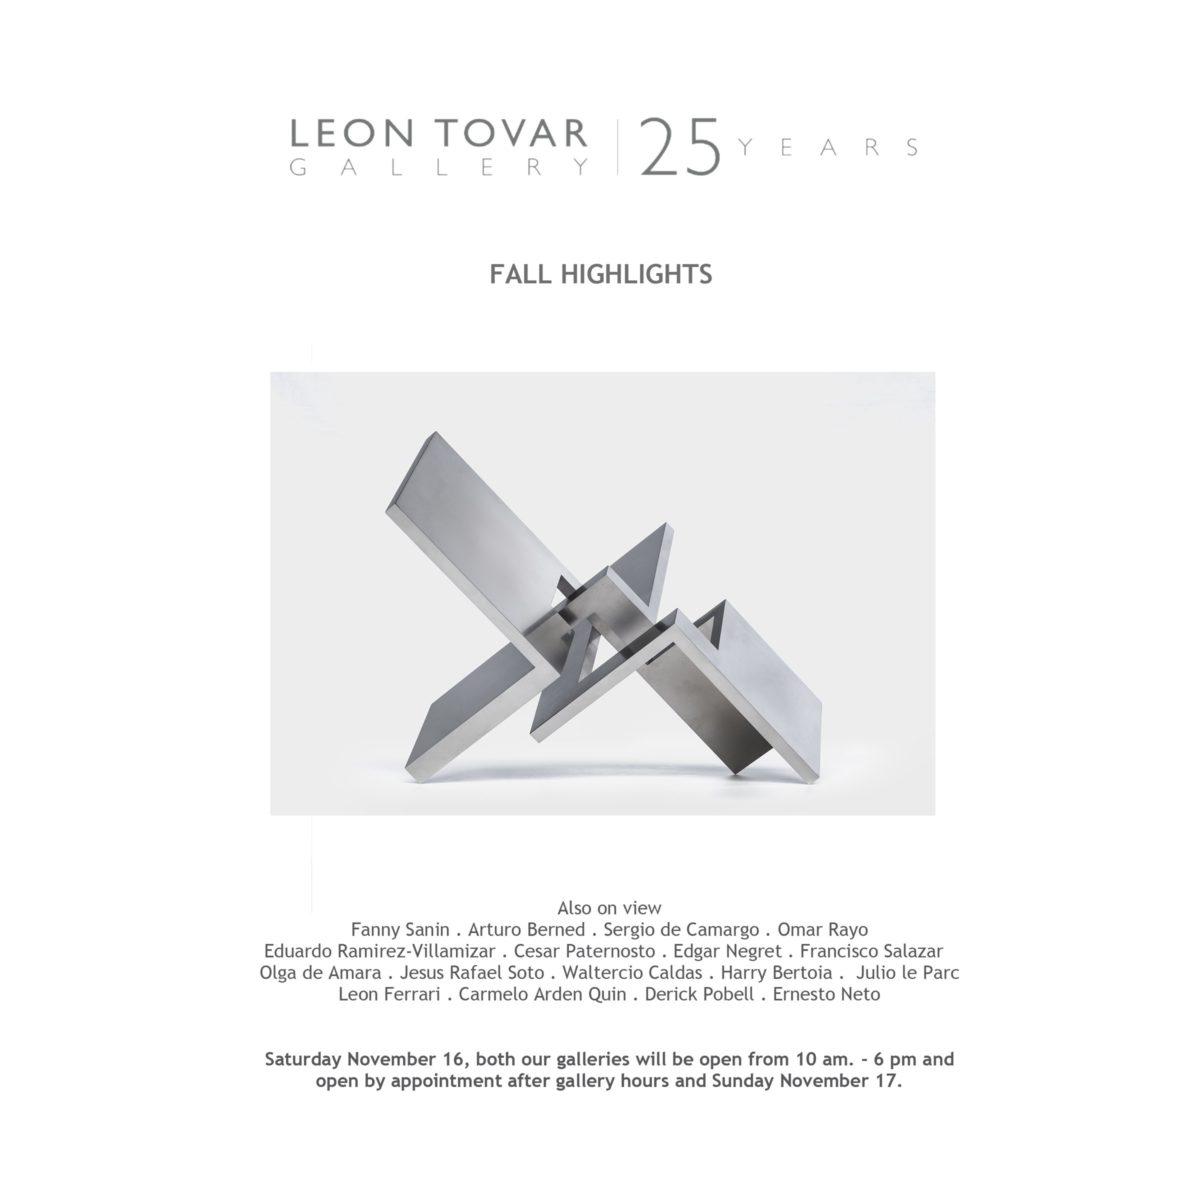 Arturo Berned exhibition in Nueva York at Leon Tovar Gallery